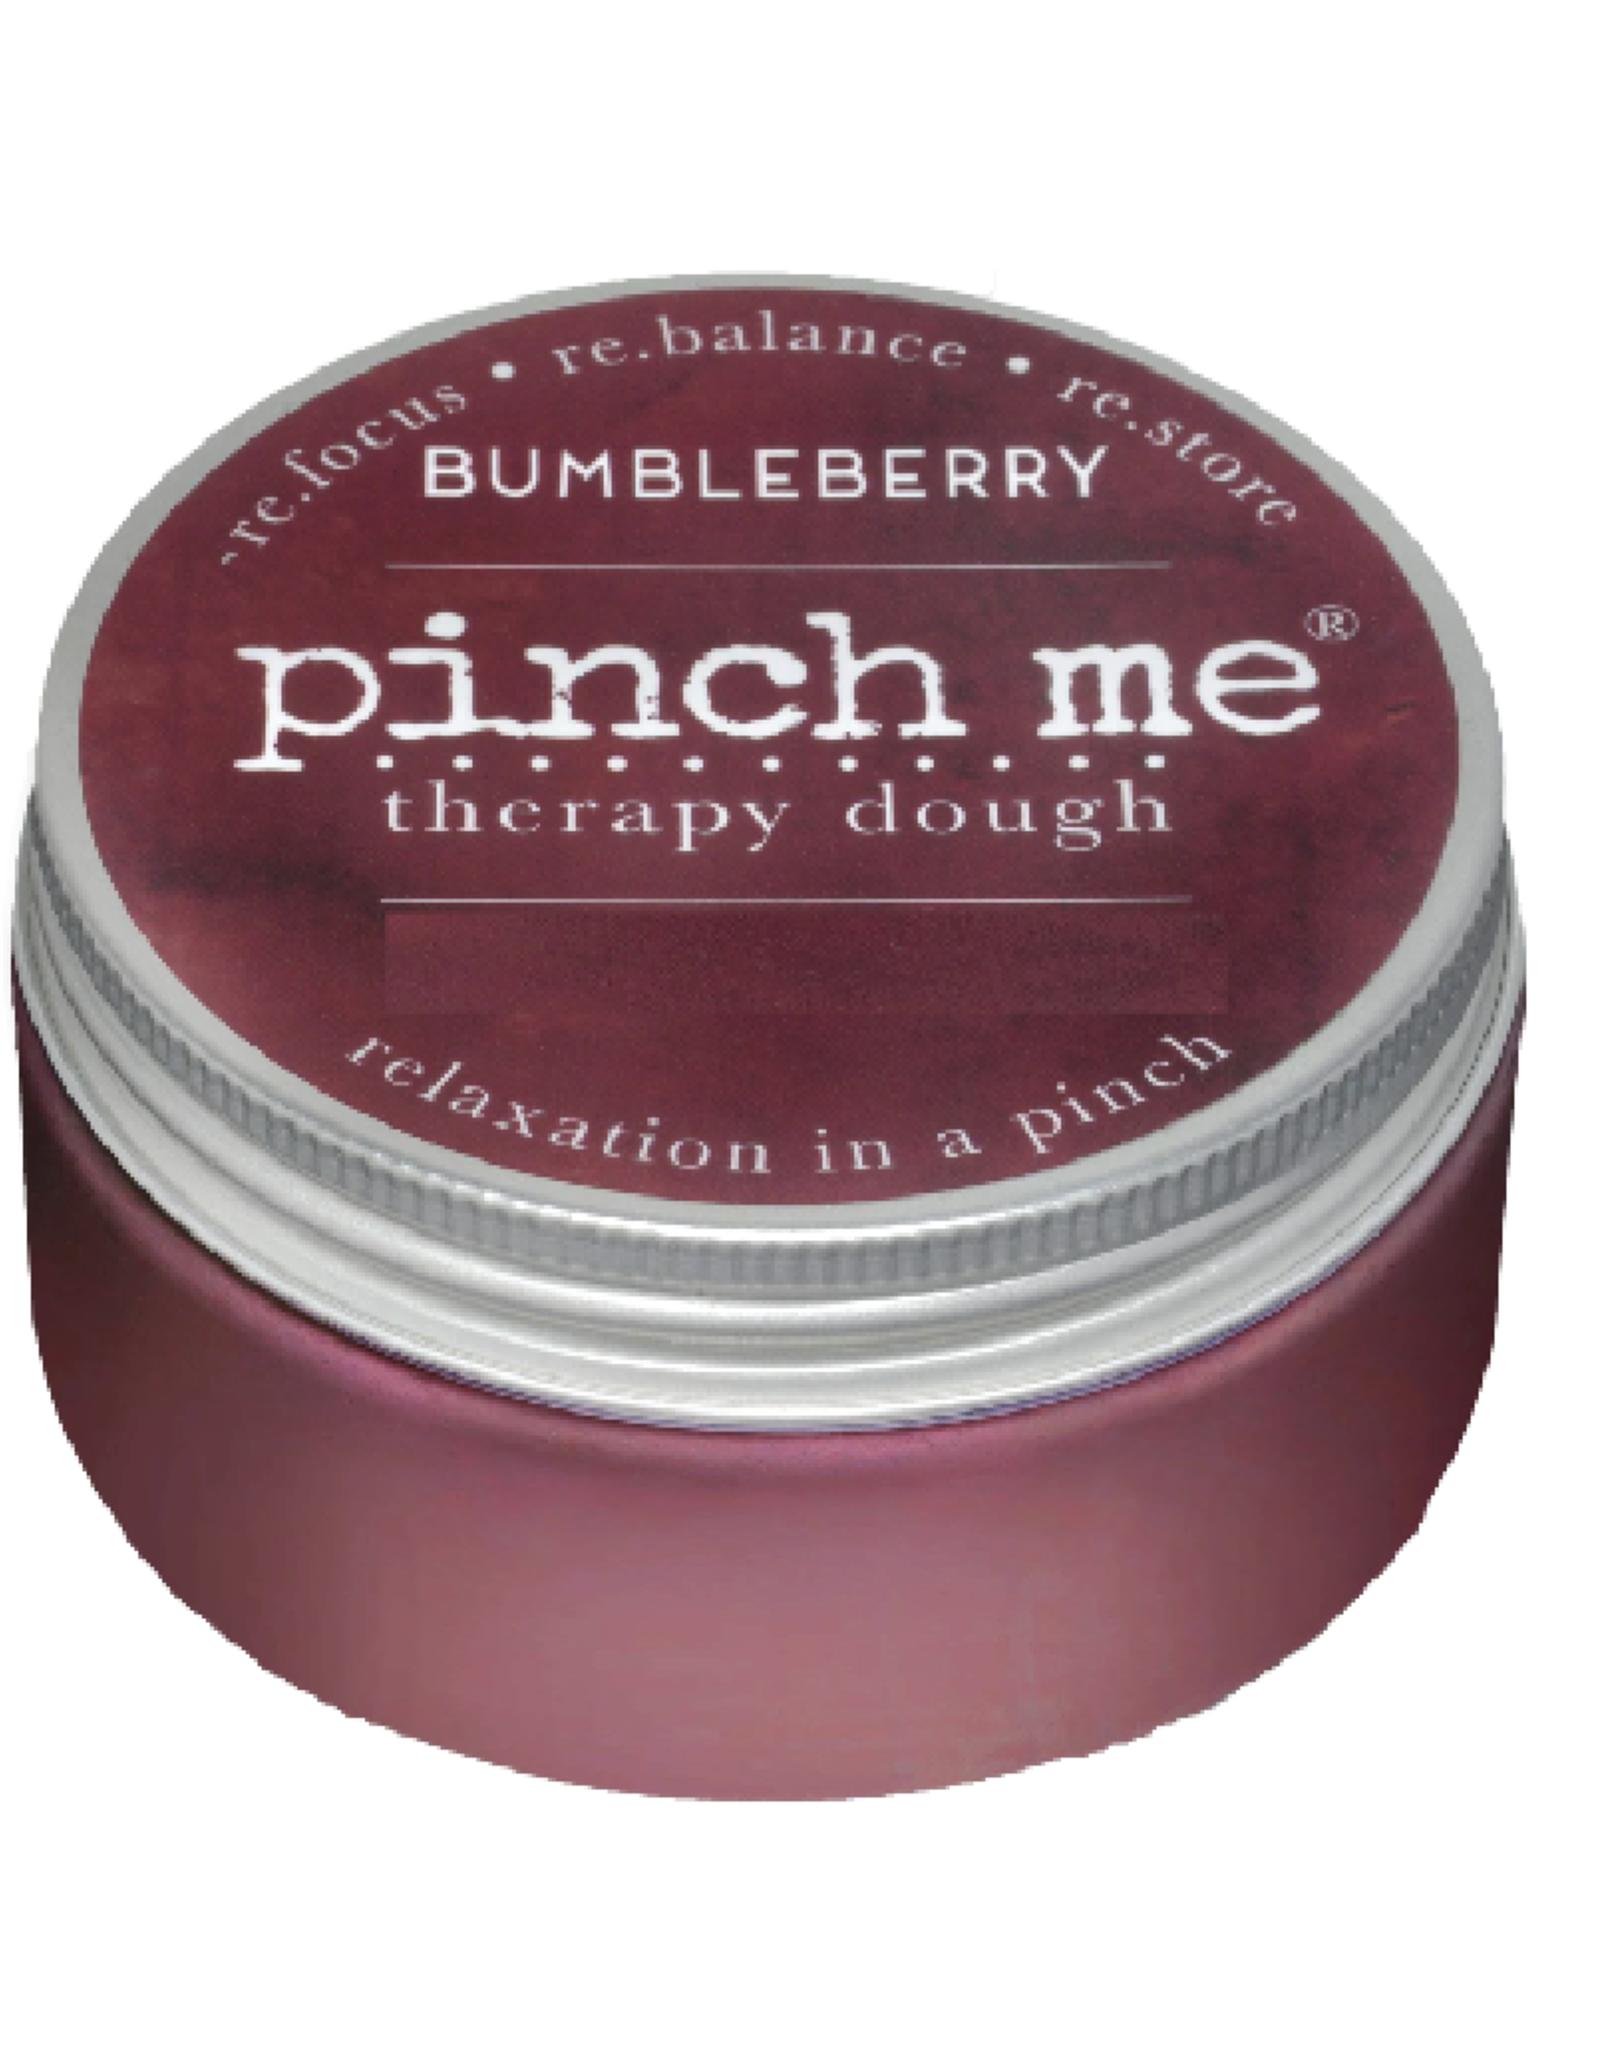 Pinch Me Therapy Dough 3oz - Bumbleberry